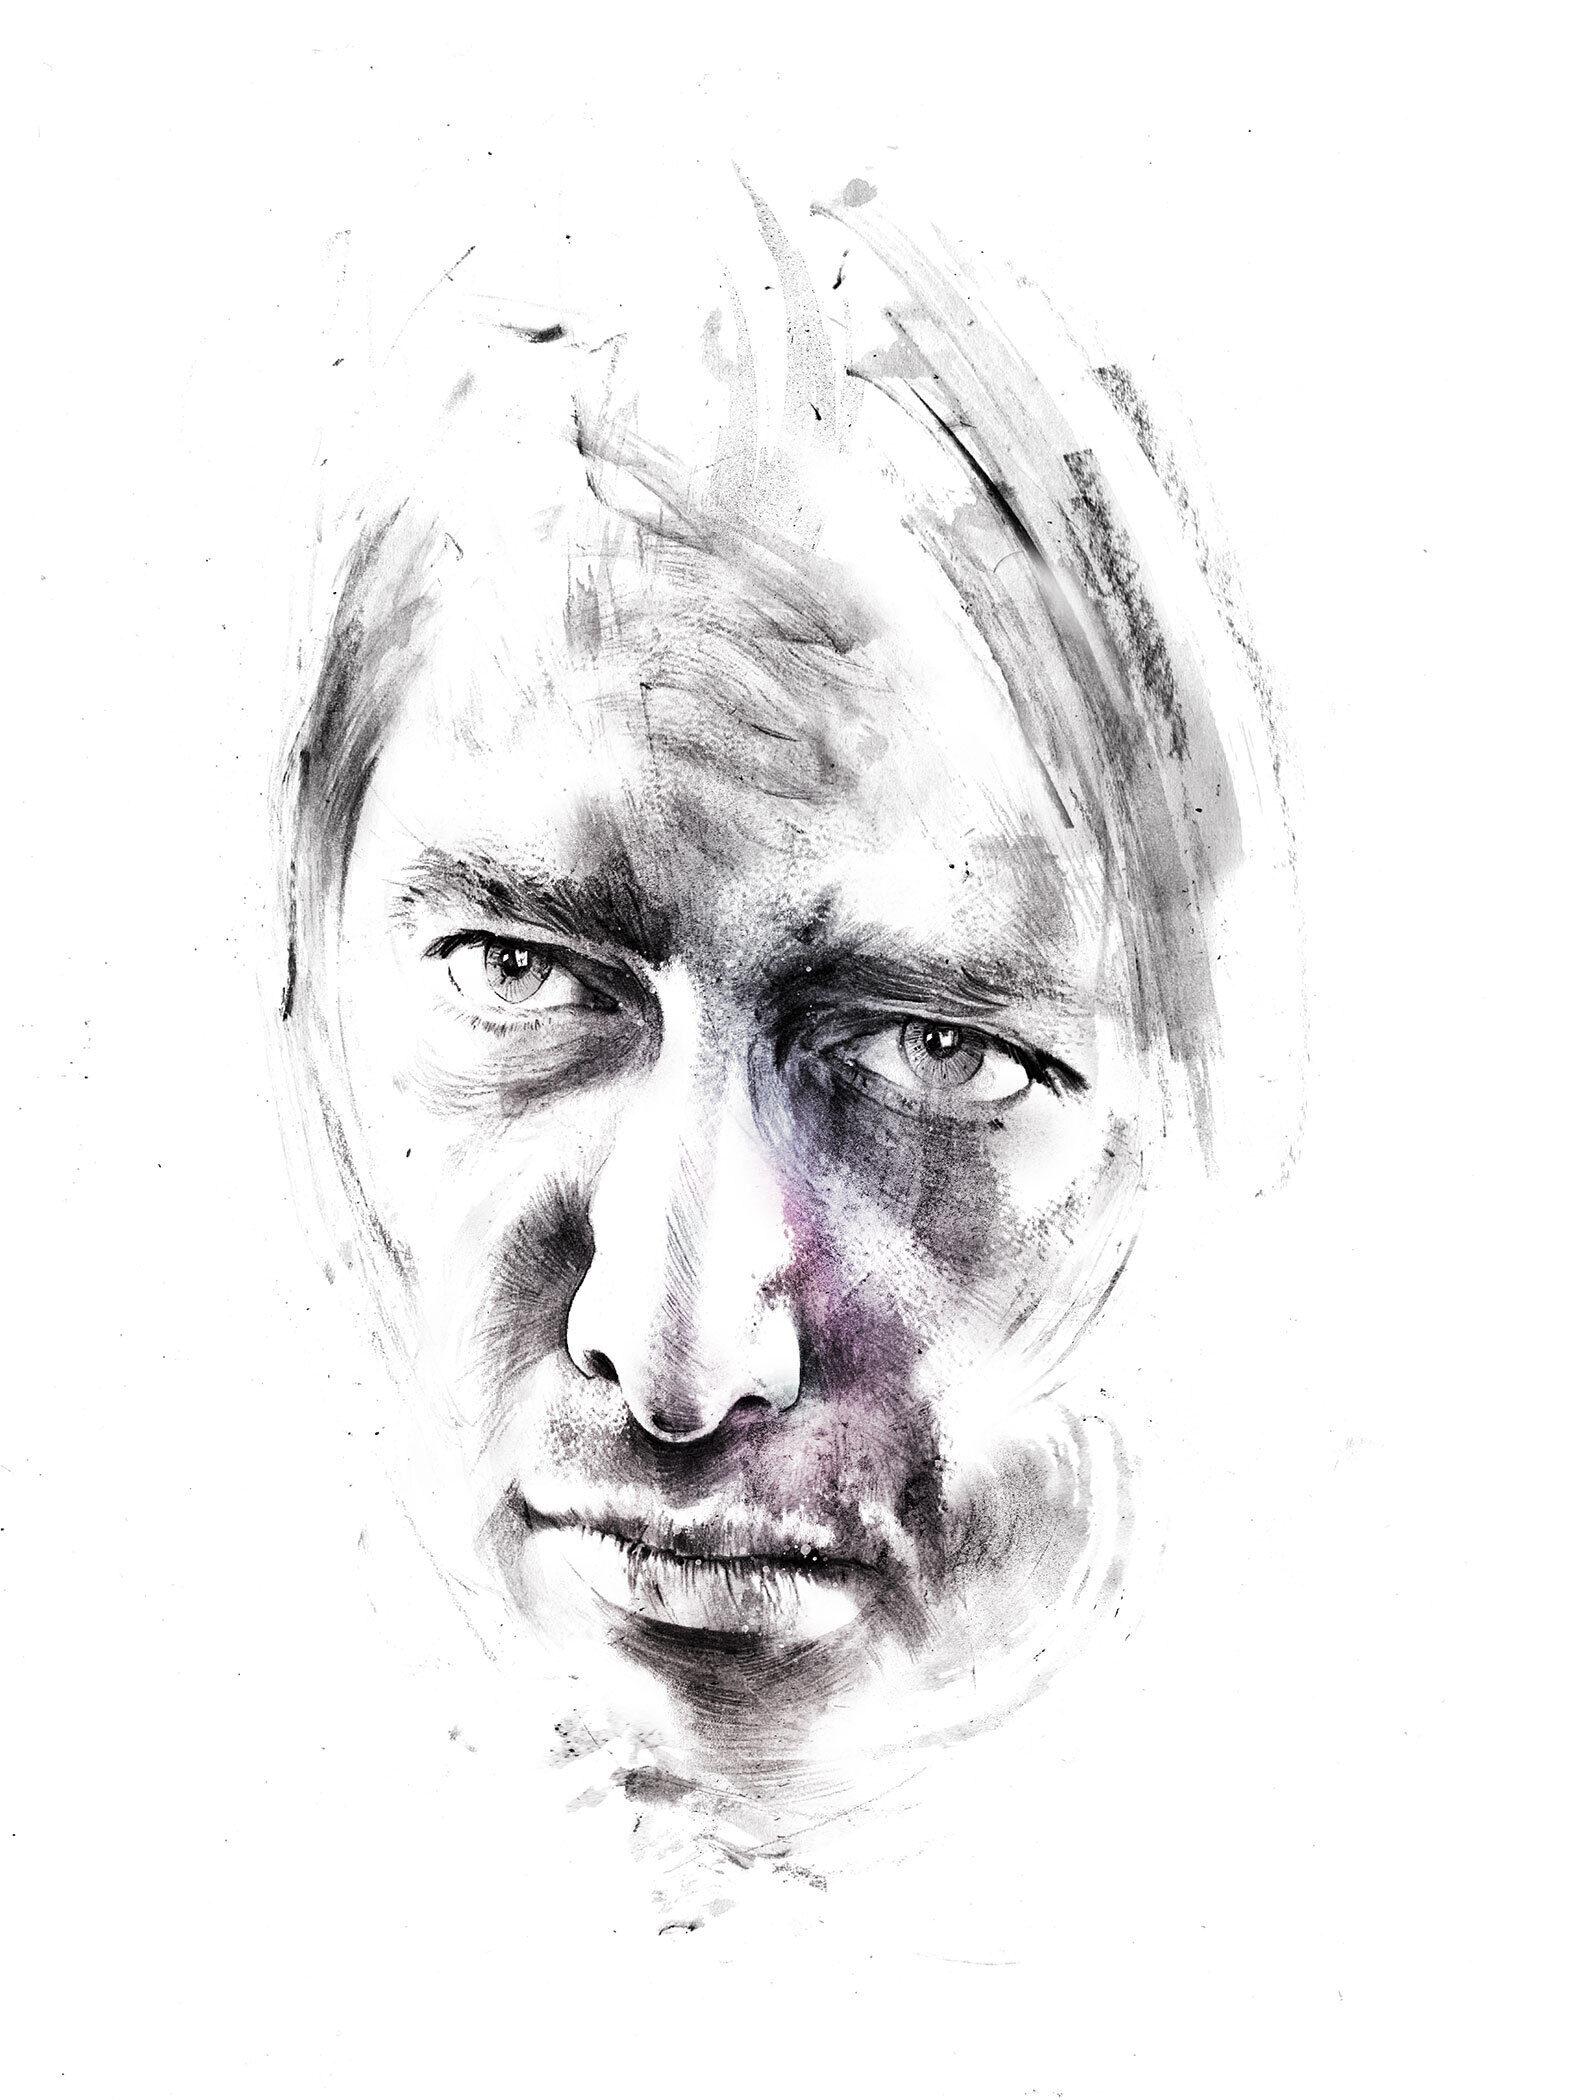 Face drawing - Kornel Illustration | Kornel Stadler portfolio